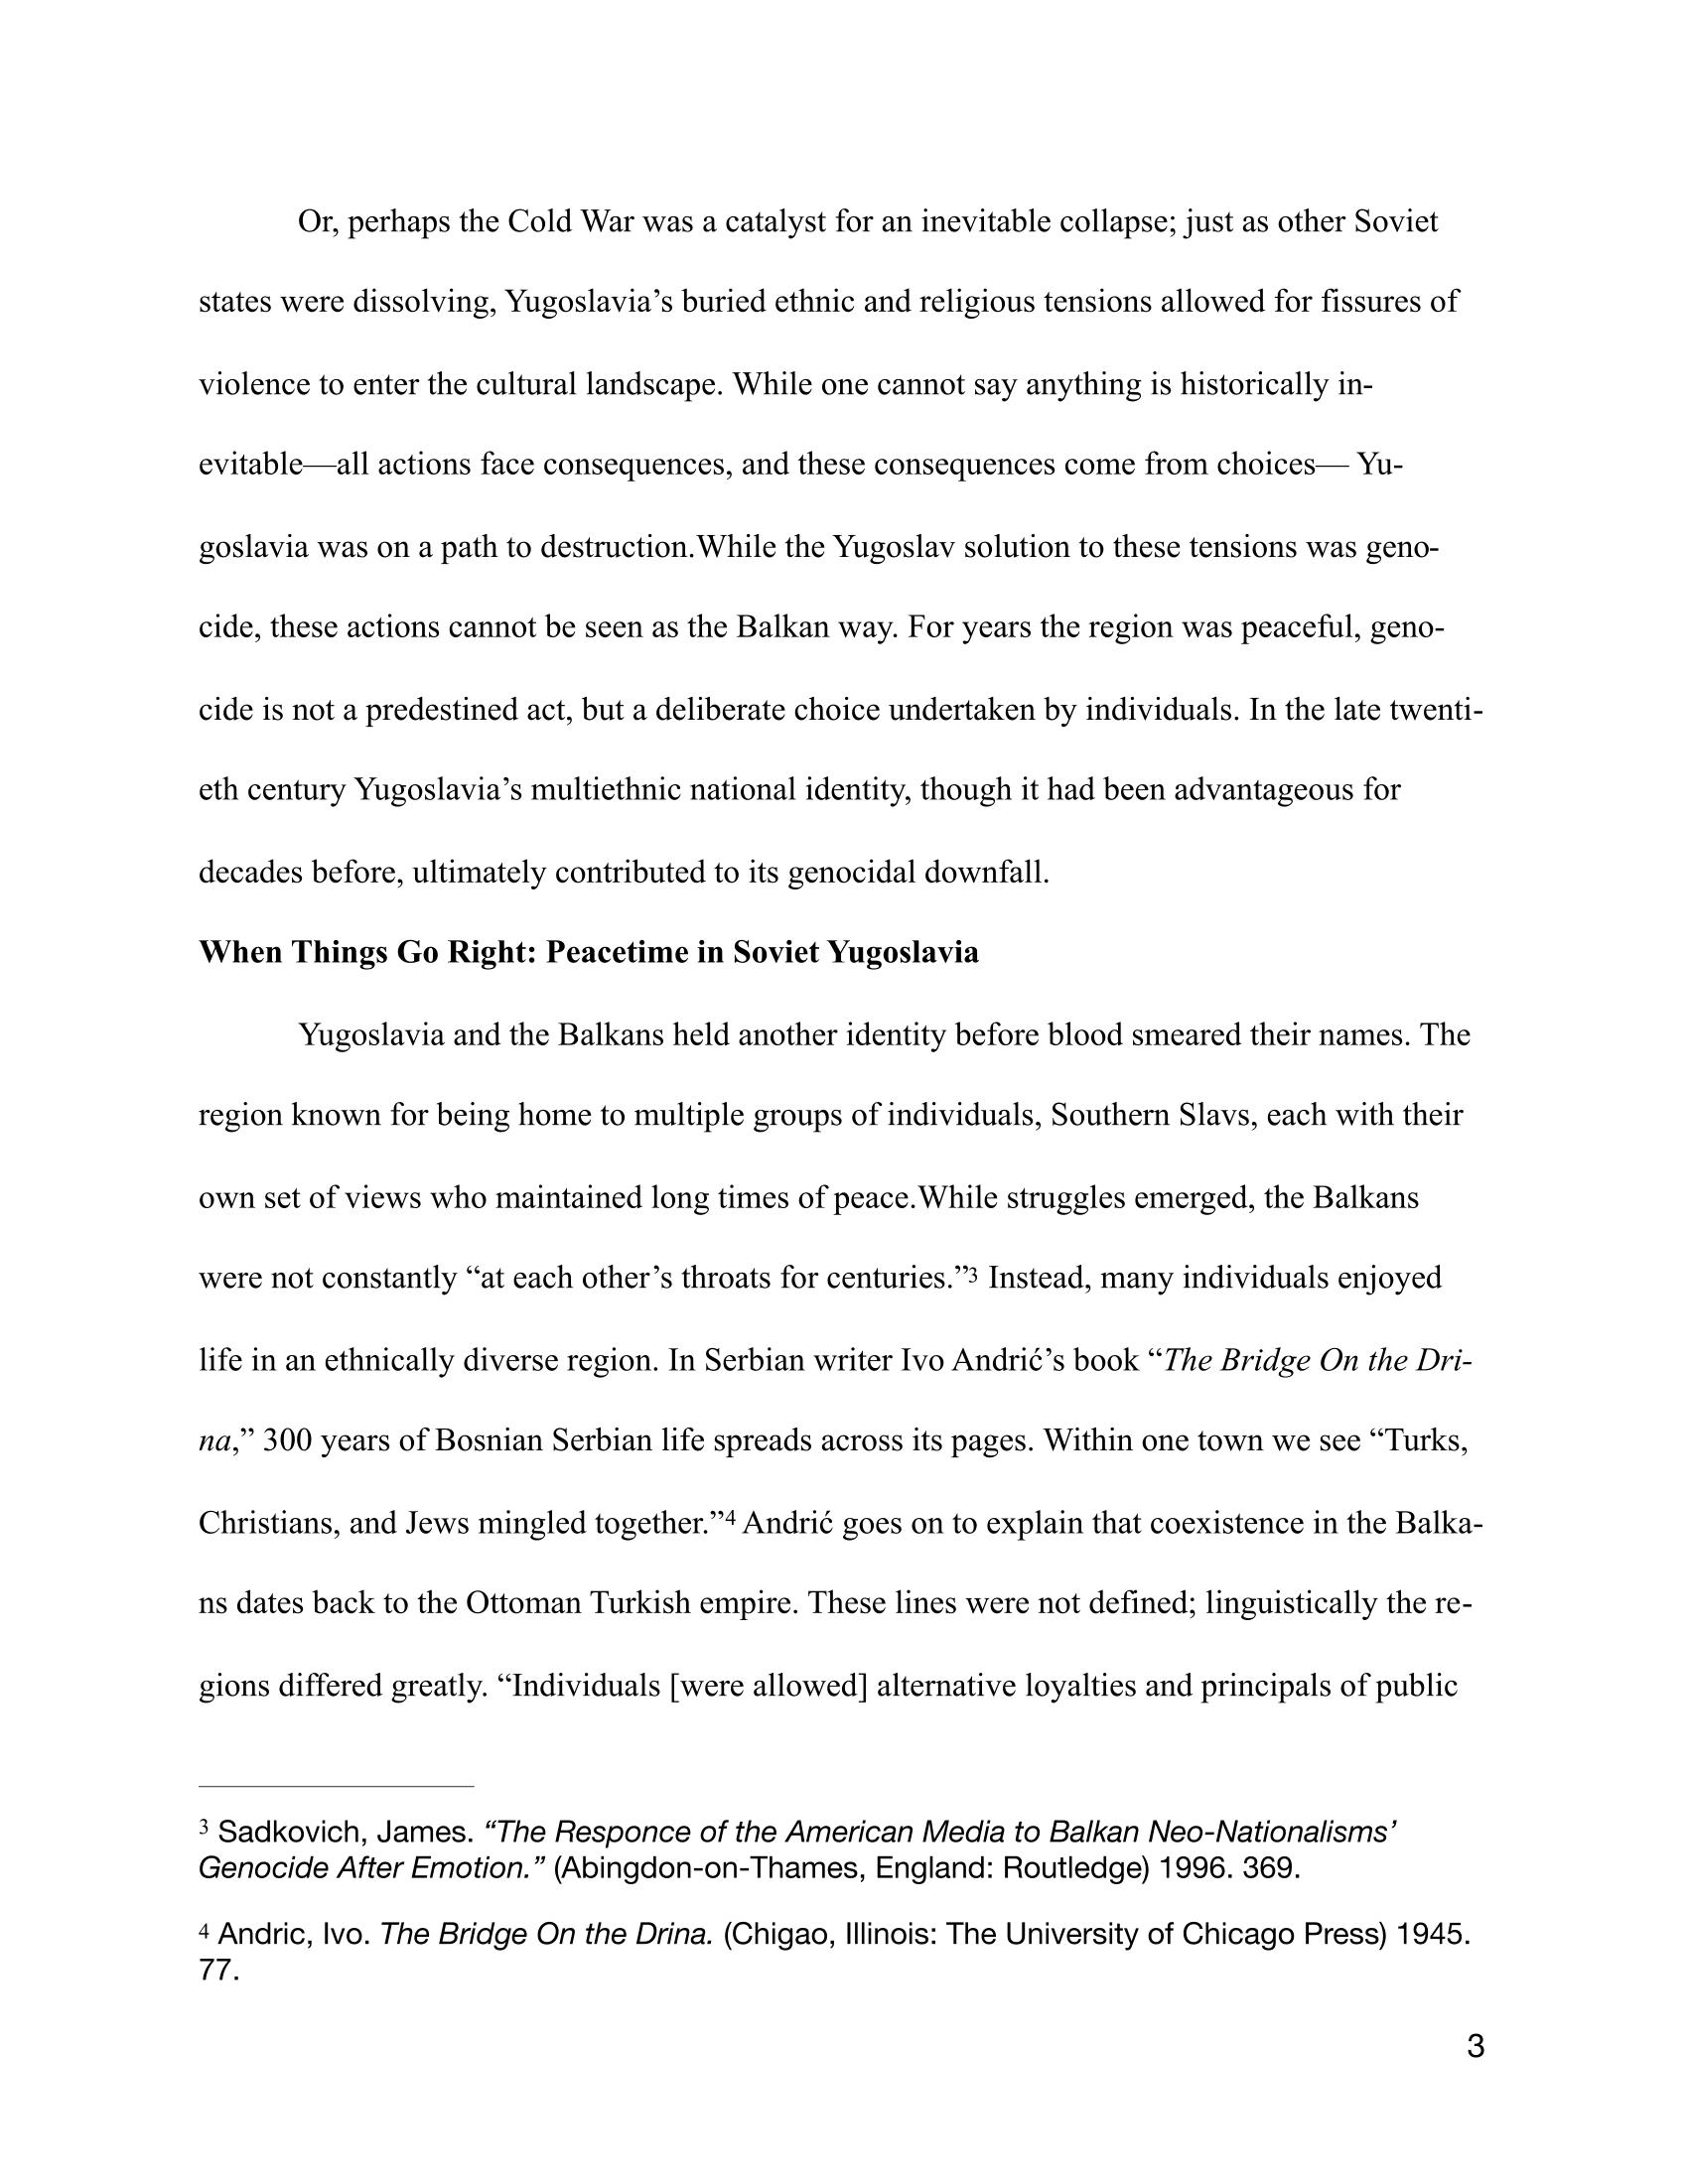 Yugoslavia_Final-Draft_Milner_pdf-03.png